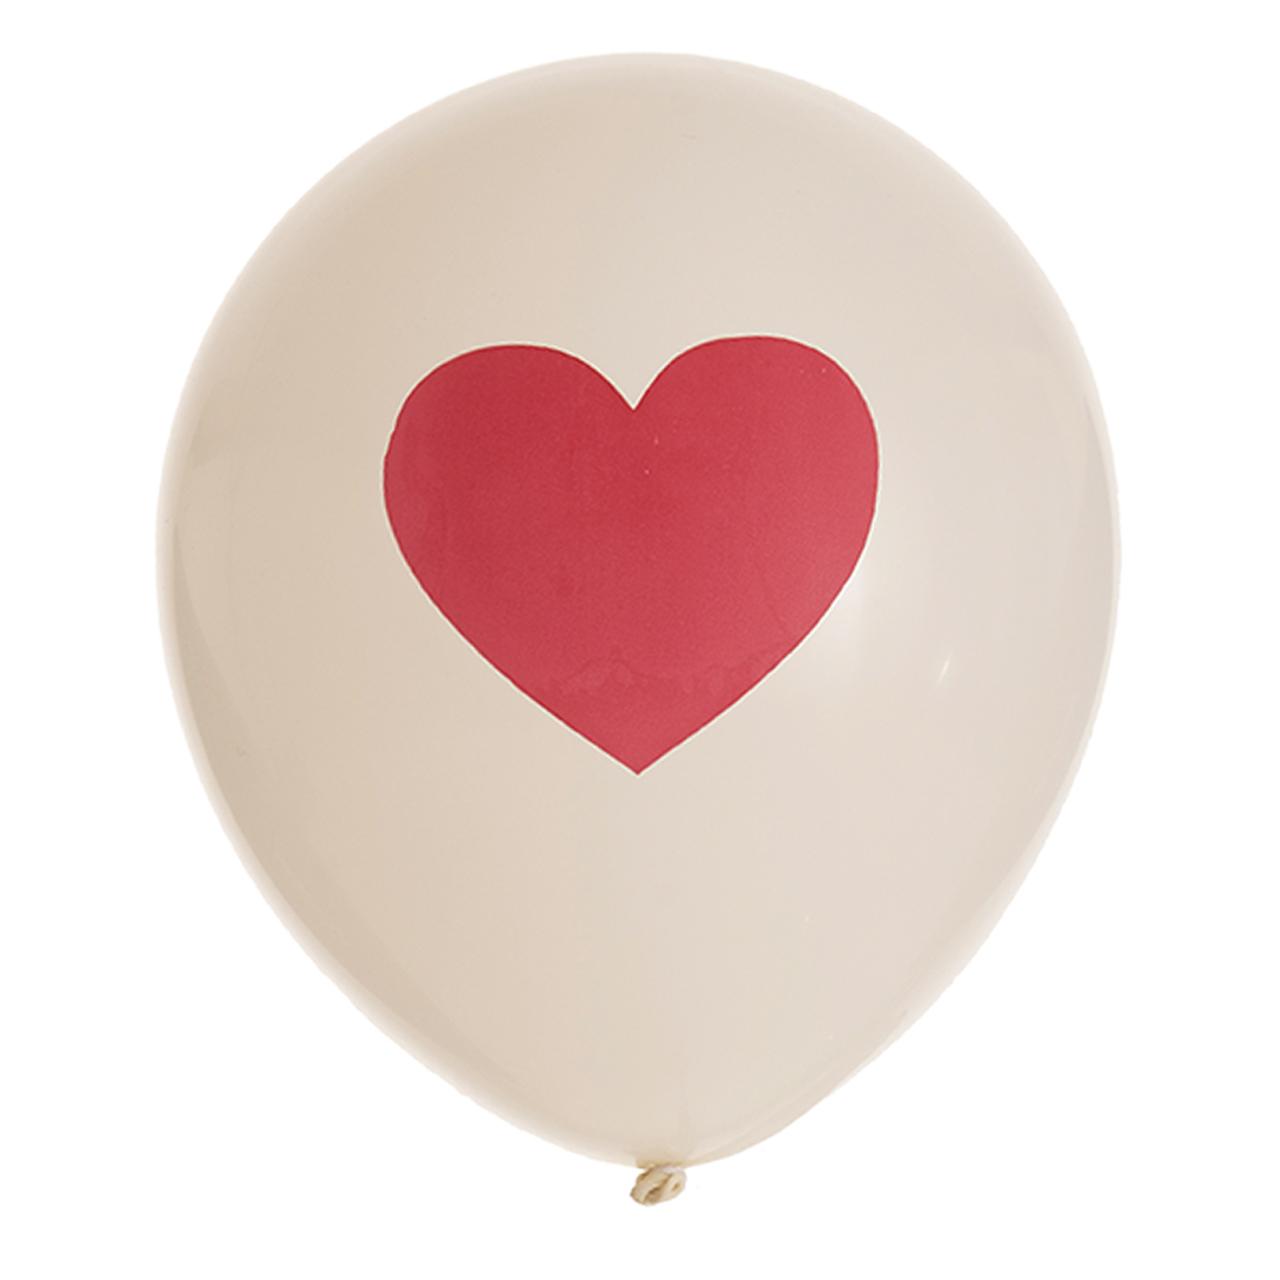 بادکنک طرح قلب کد m 488 بسته 12 عددی